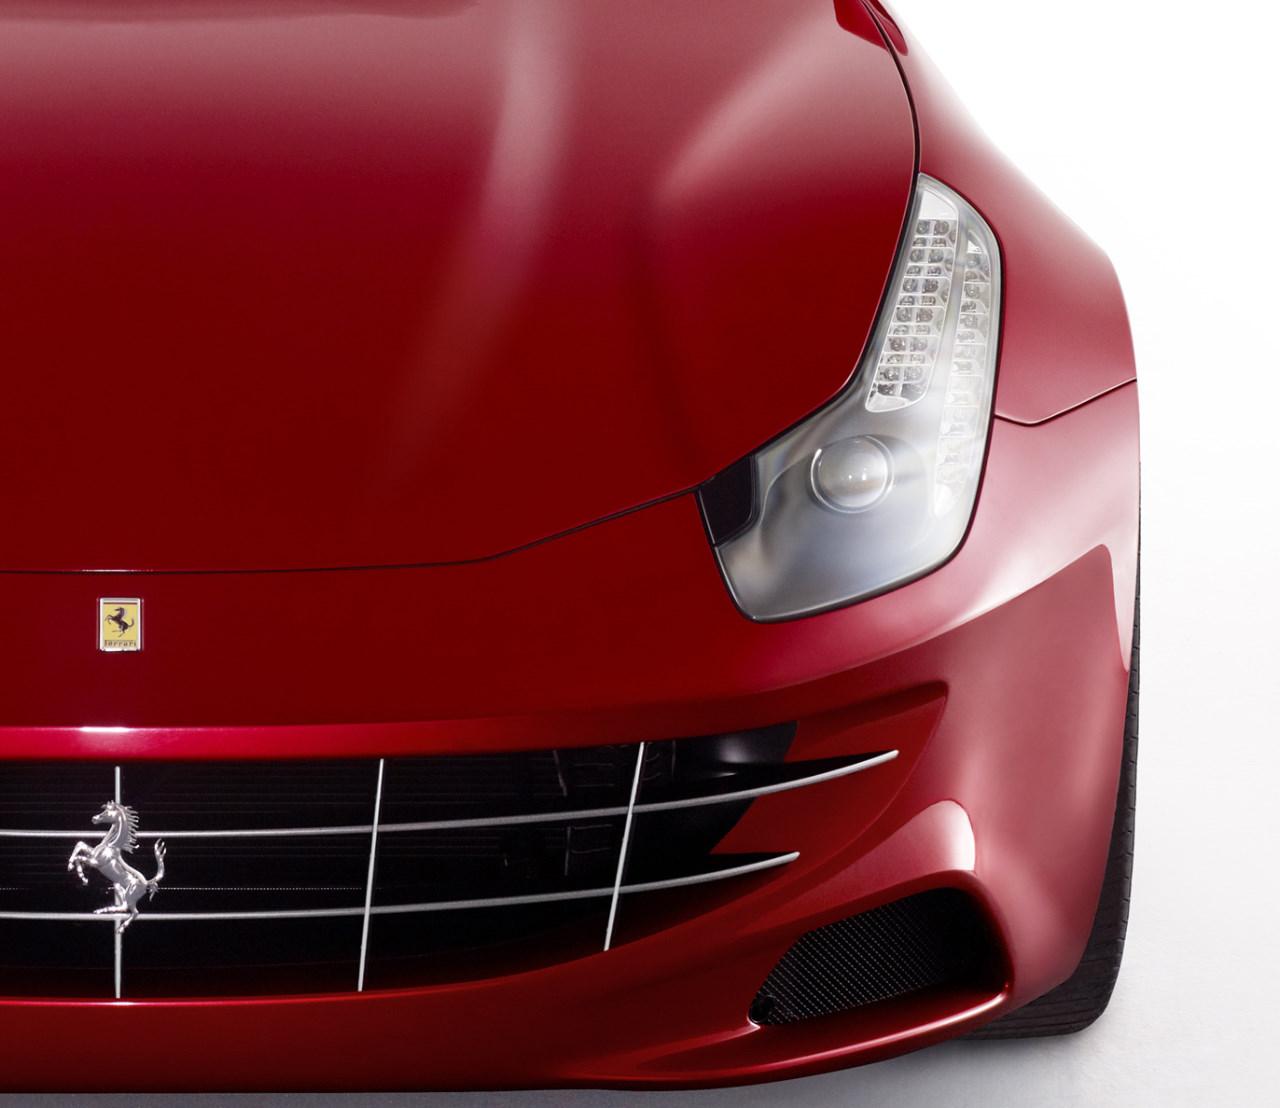 Fotos Oficiais Da Nova Ferrari FF